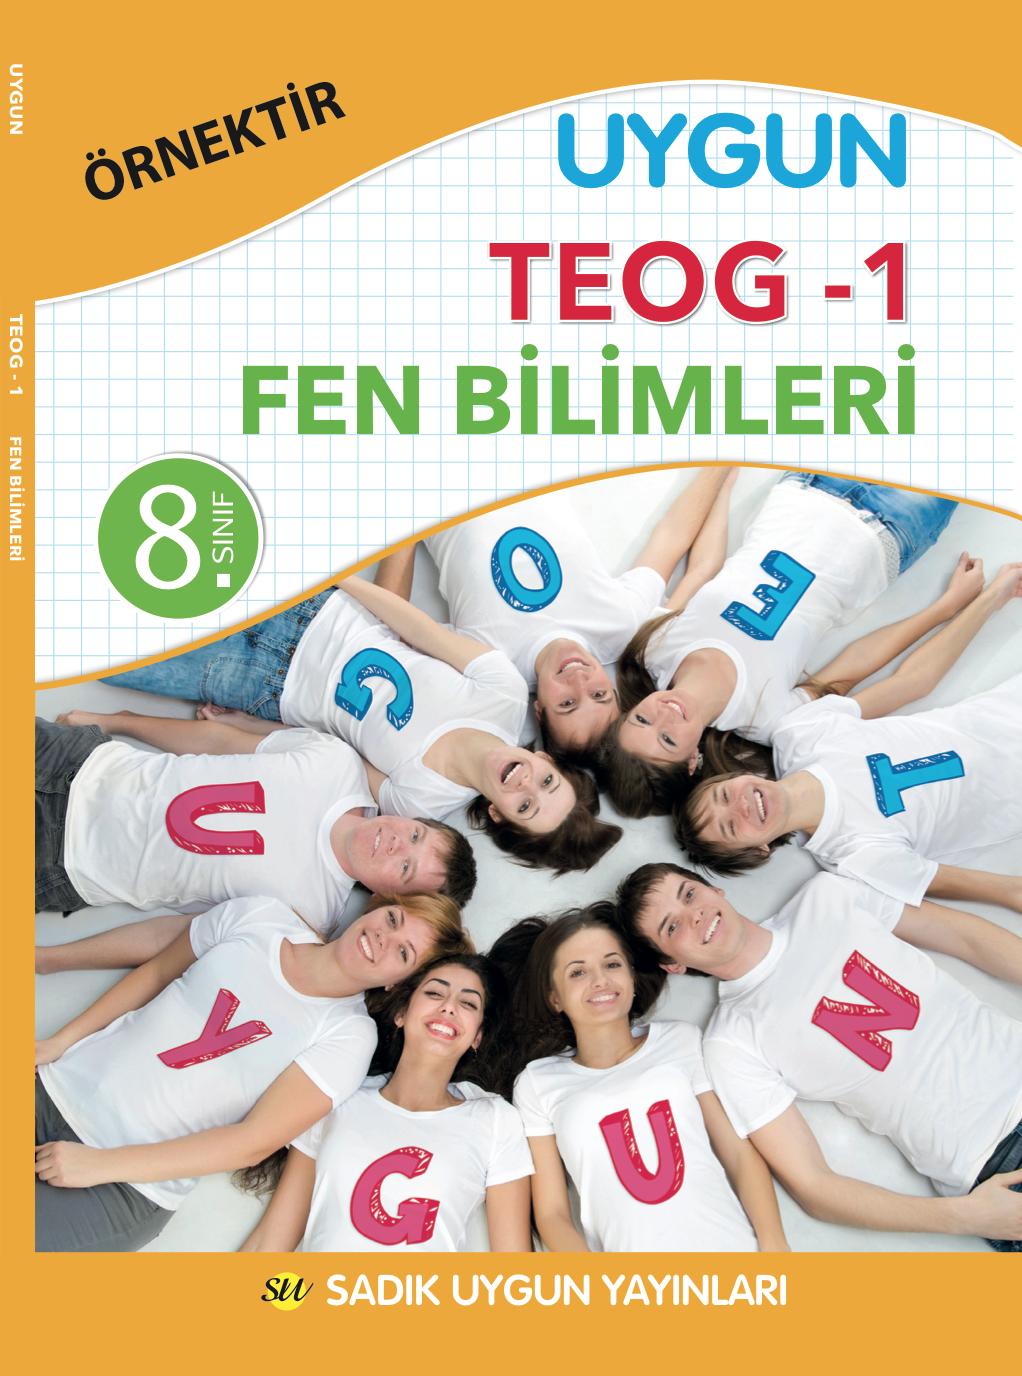 Uygun TEOG 1 -Fen Bilimleri Kitabı